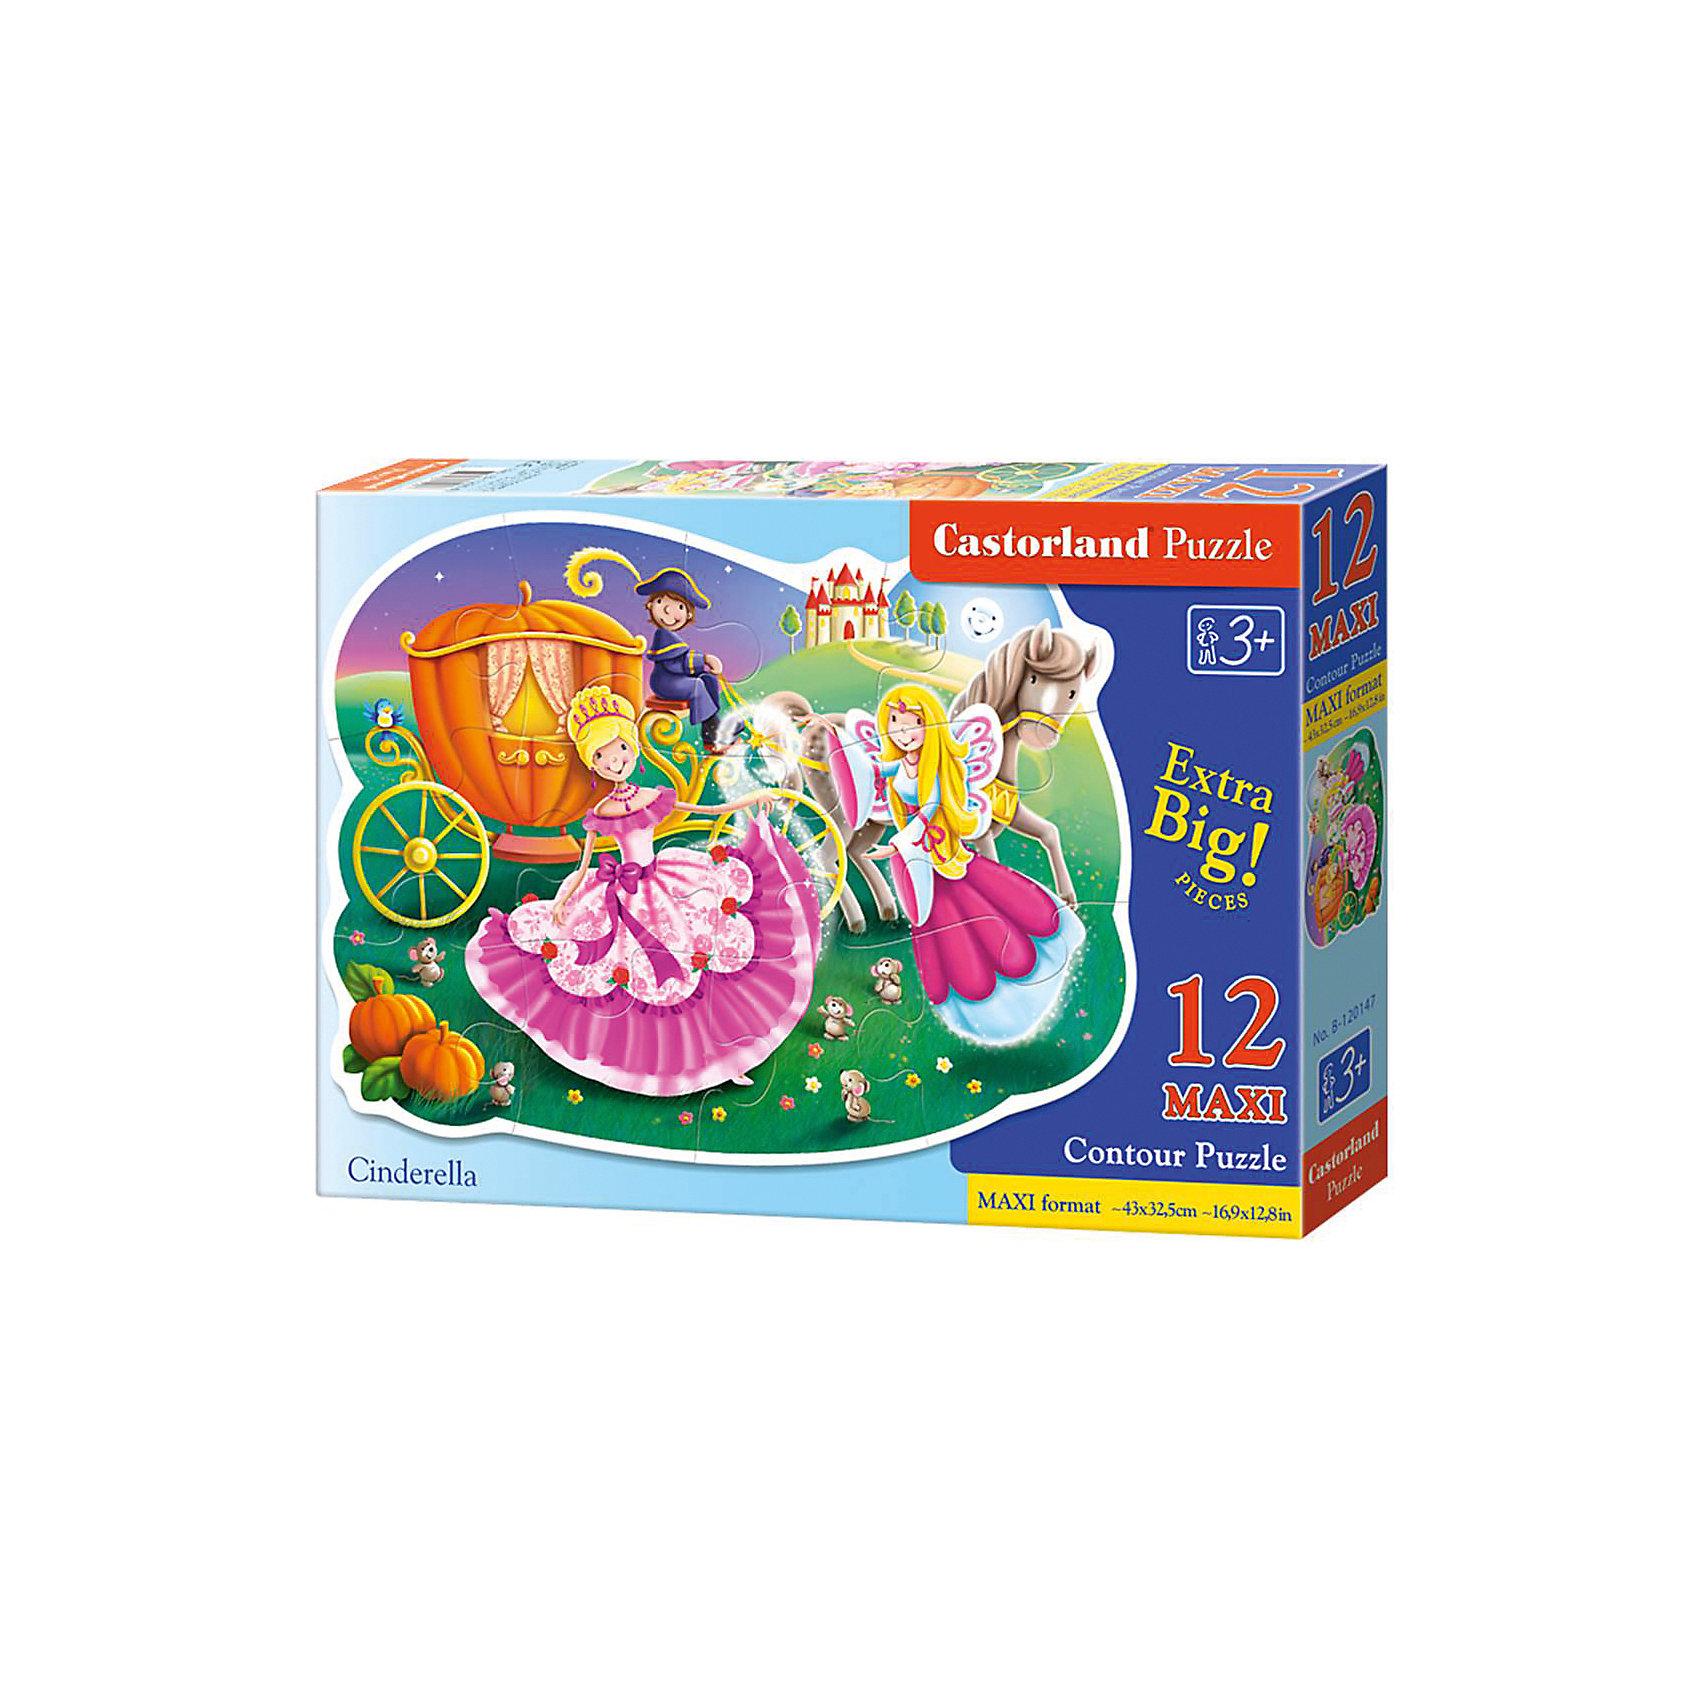 Макси-пазл Castorland Золушка, 12 деталейКлассические пазлы<br>Характеристики:<br><br>• возраст: от 3 лет<br>• количество деталей: 12 деталей MAXI<br>• размер собранного пазла: 45х32,5 см.<br>• материал: картон<br>• упаковка: картонная коробка<br>• размер упаковки: 32x4,7x22 см.<br>• вес: 400 гр.<br>• страна обладатель бренда: Польша<br><br>Из 12 больших элементов пазла ребенок соберет красочную картинку с изображением Золушки, собирающейся на бал. Благодаря фигурной форме картинки, процесс сбора элементов в одно изображение будет увлекательным и интересным.<br><br>Пазл Золушка, 12 деталей MAXI, Castorland (Касторленд) можно купить в нашем интернет-магазине.<br><br>Ширина мм: 320<br>Глубина мм: 220<br>Высота мм: 47<br>Вес г: 400<br>Возраст от месяцев: 36<br>Возраст до месяцев: 2147483647<br>Пол: Женский<br>Возраст: Детский<br>SKU: 6725119